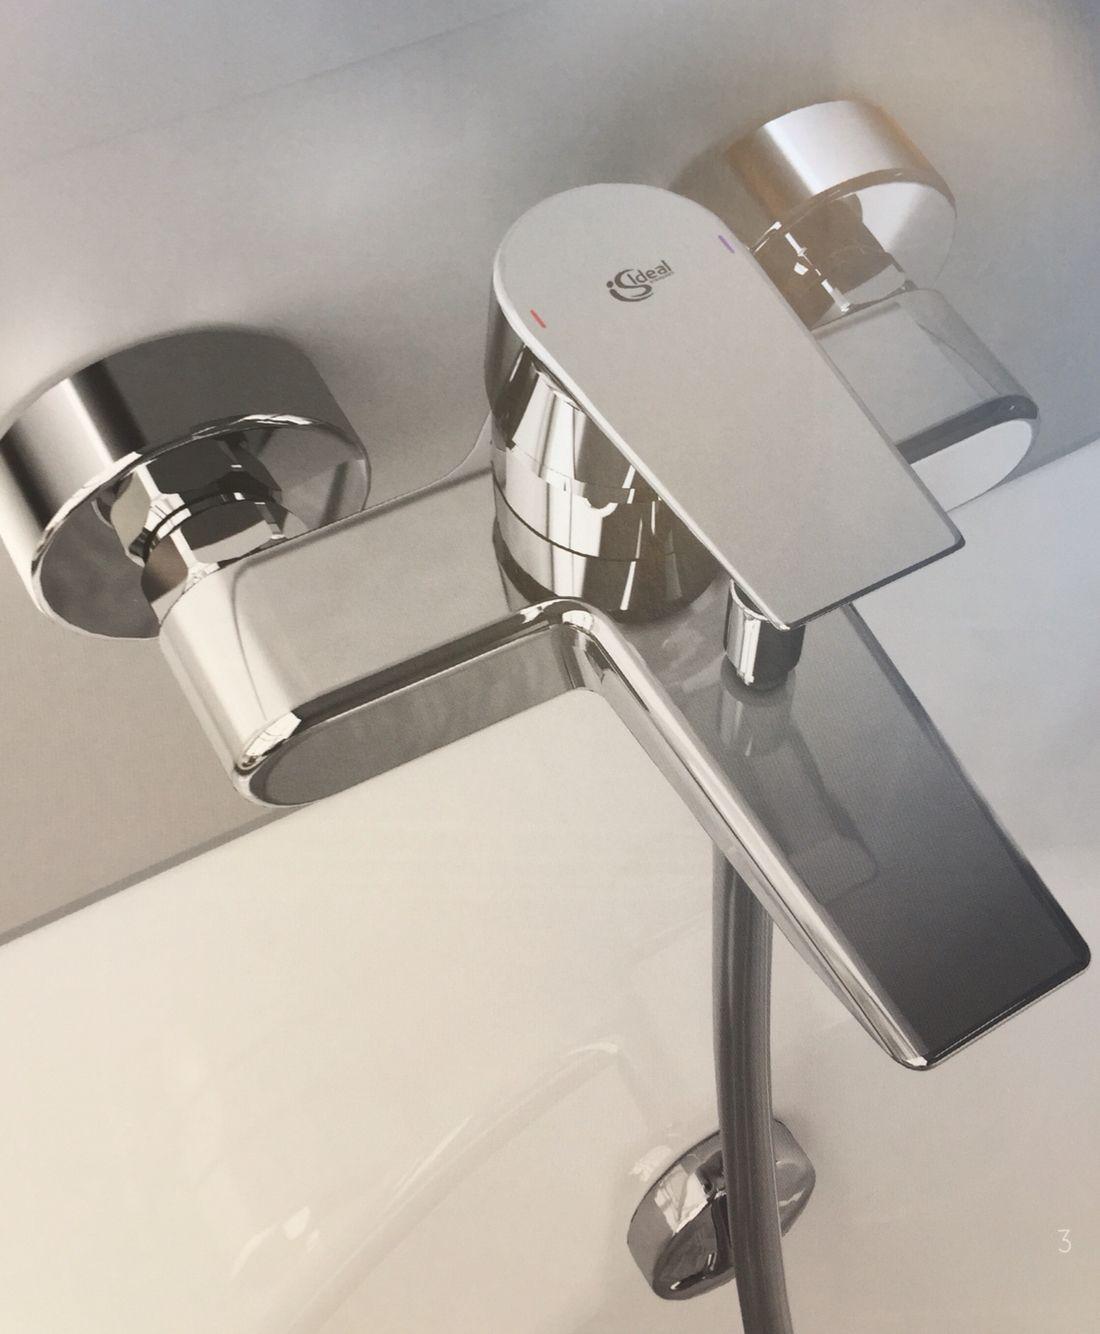 Accessori Per Doccia Ideal Standard.Miscelatore Ceramix Esterno Vasca Doccia Con Accessori